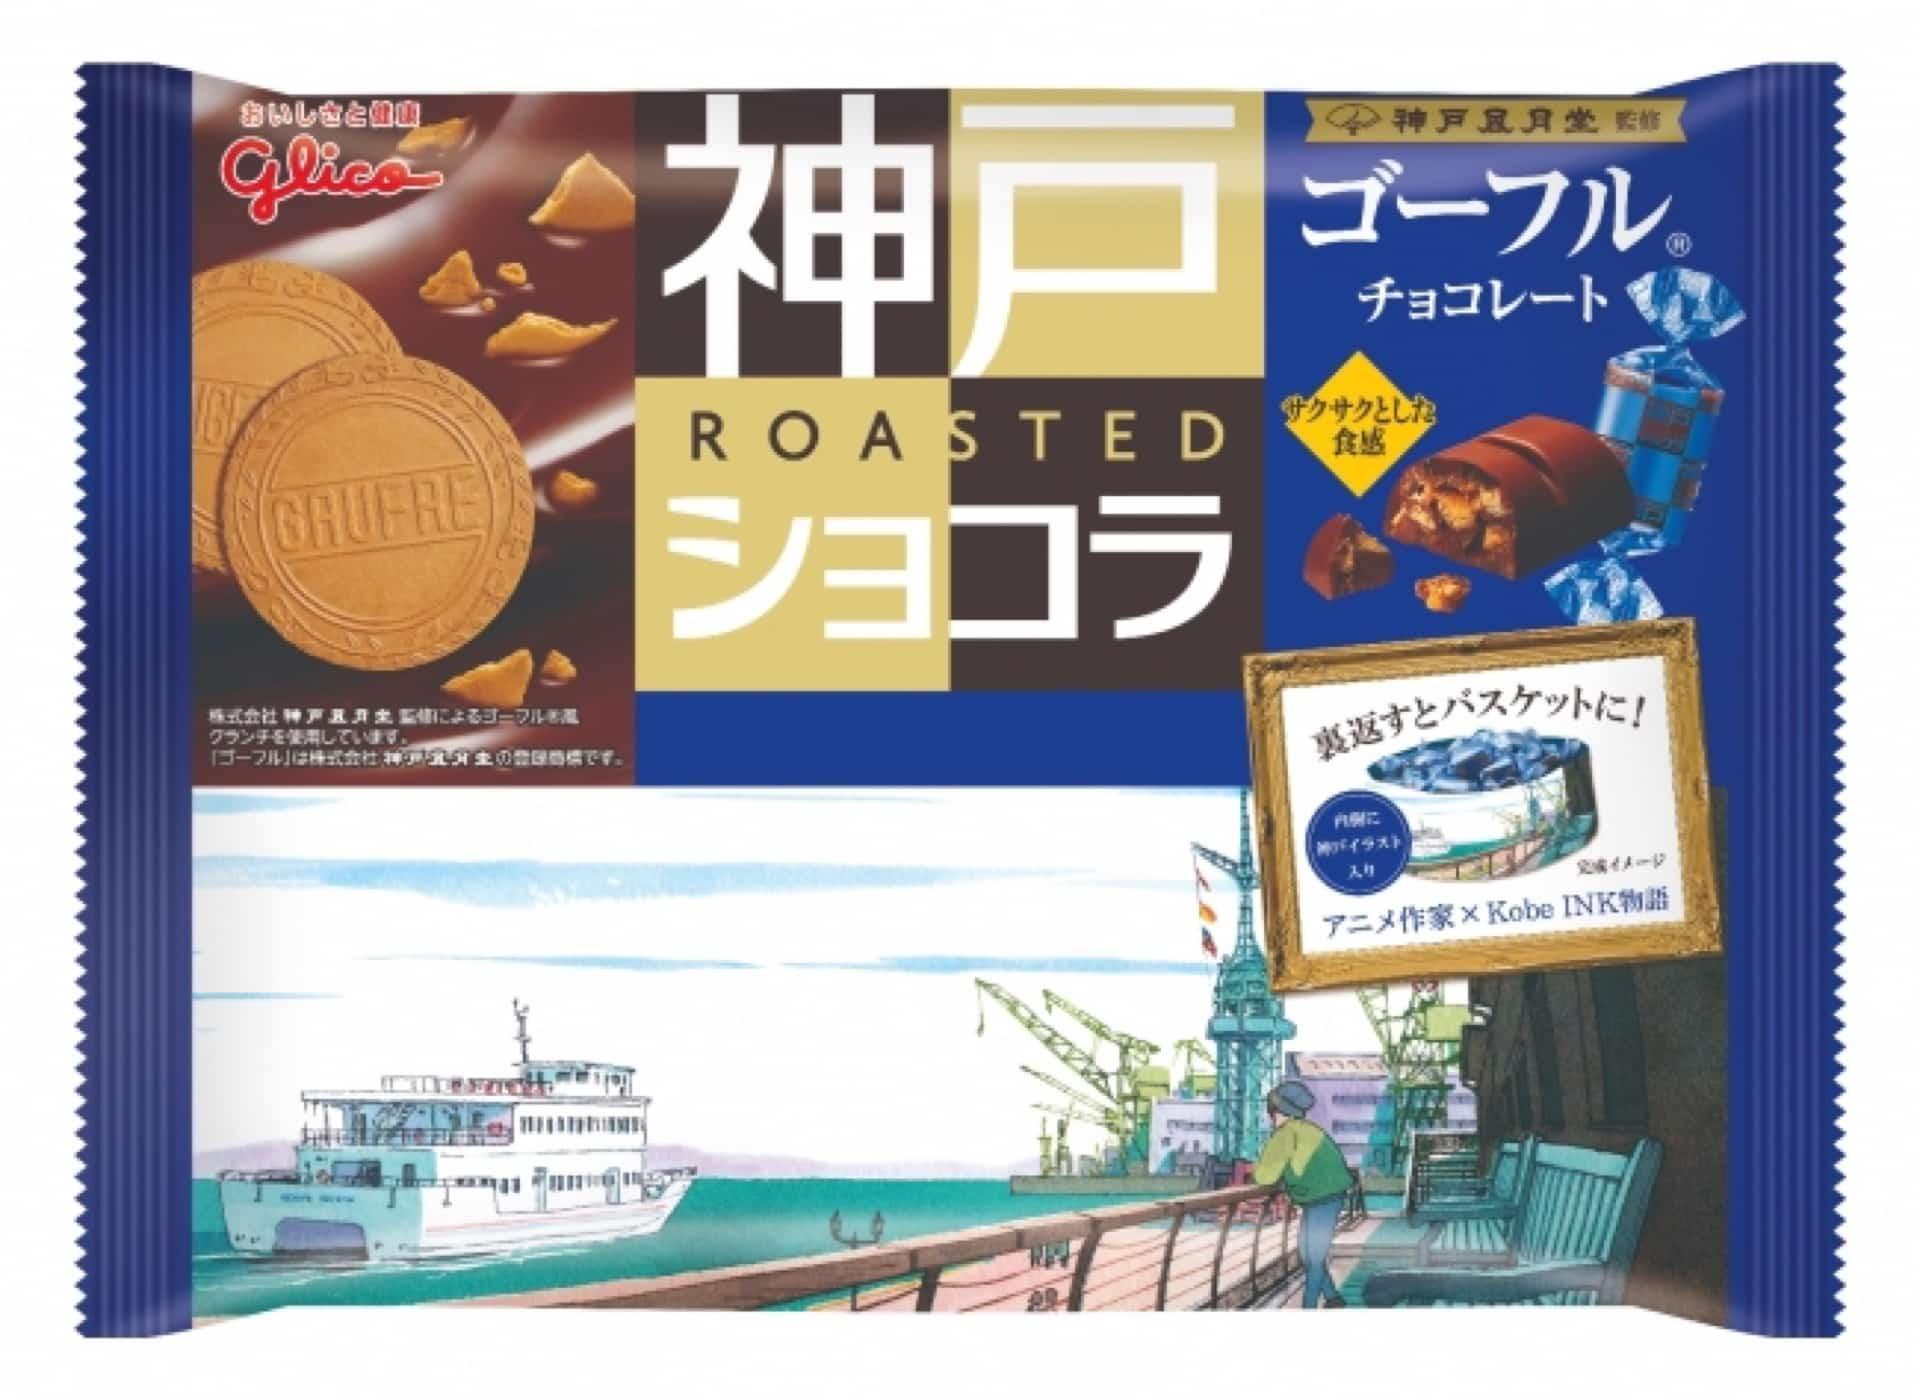 「神戸ローストショコラ」に期間限定で神戸が描かれたパッケージが登場!バスケットにもなるよ